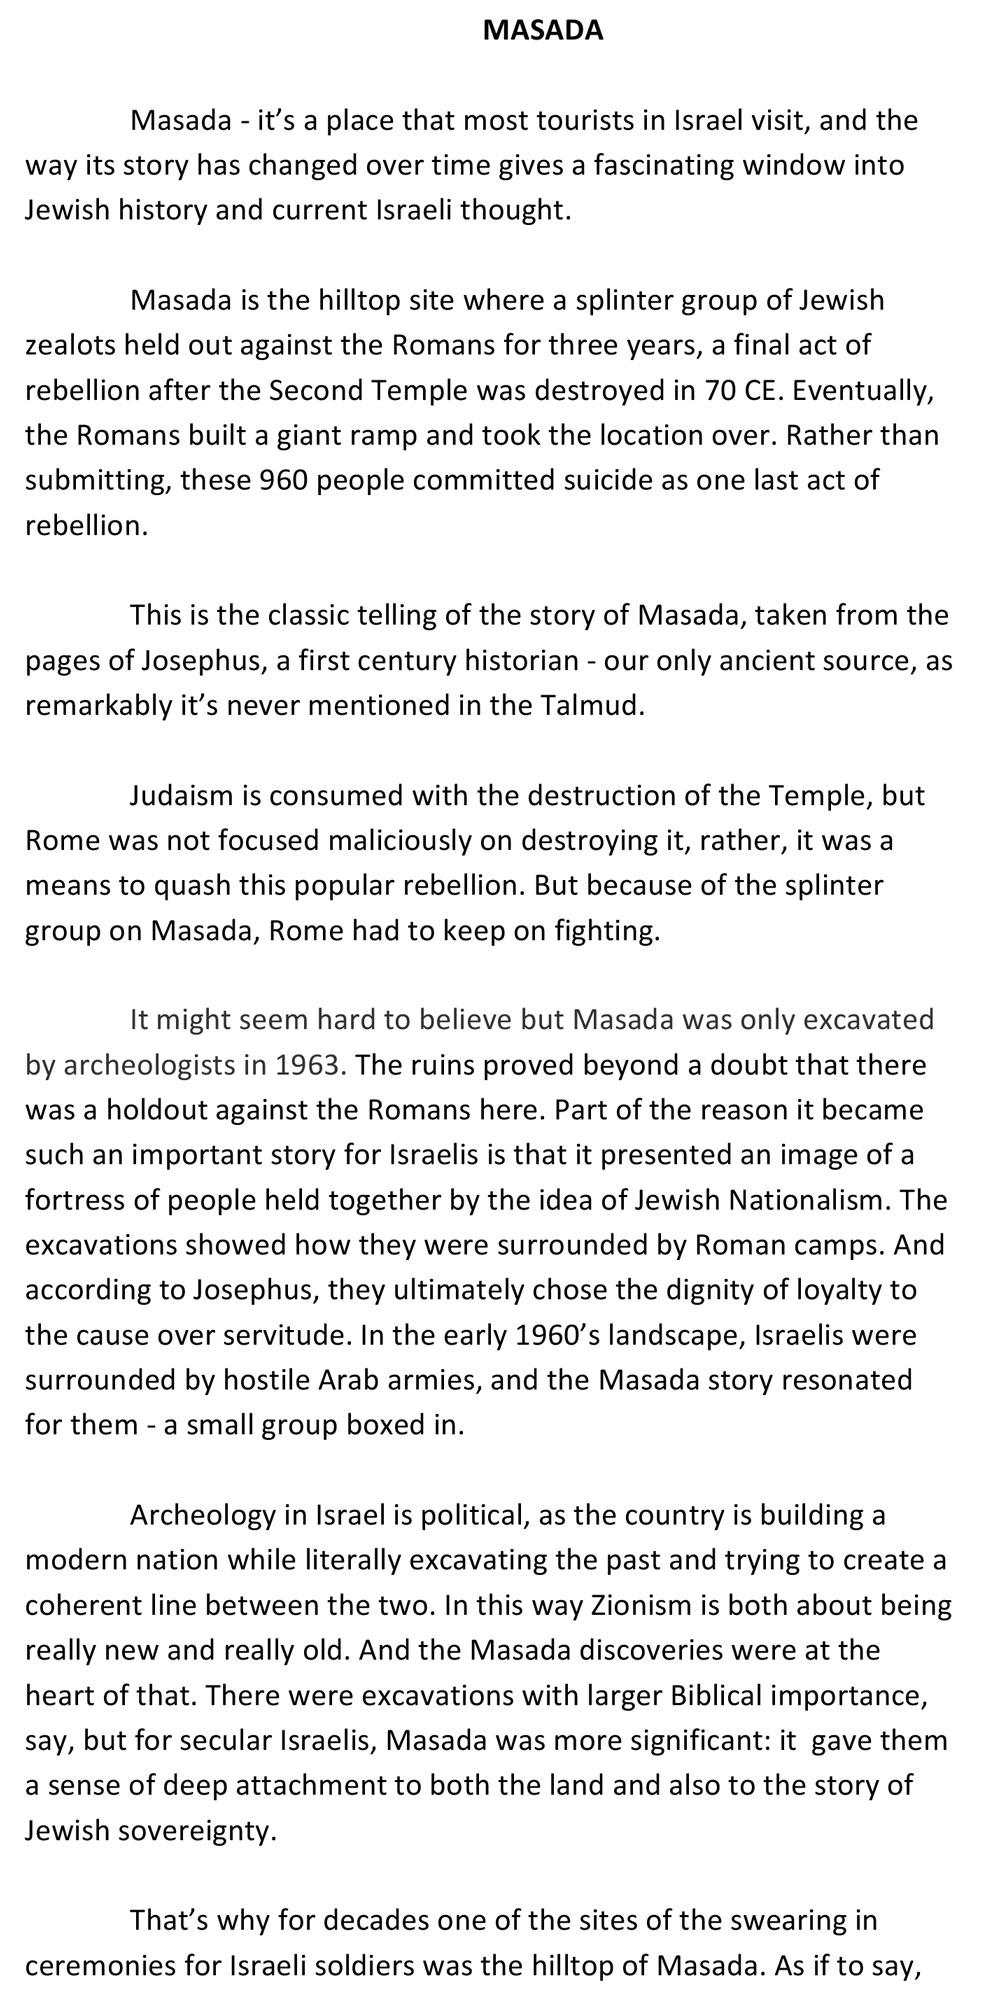 Masada Script, Page 1